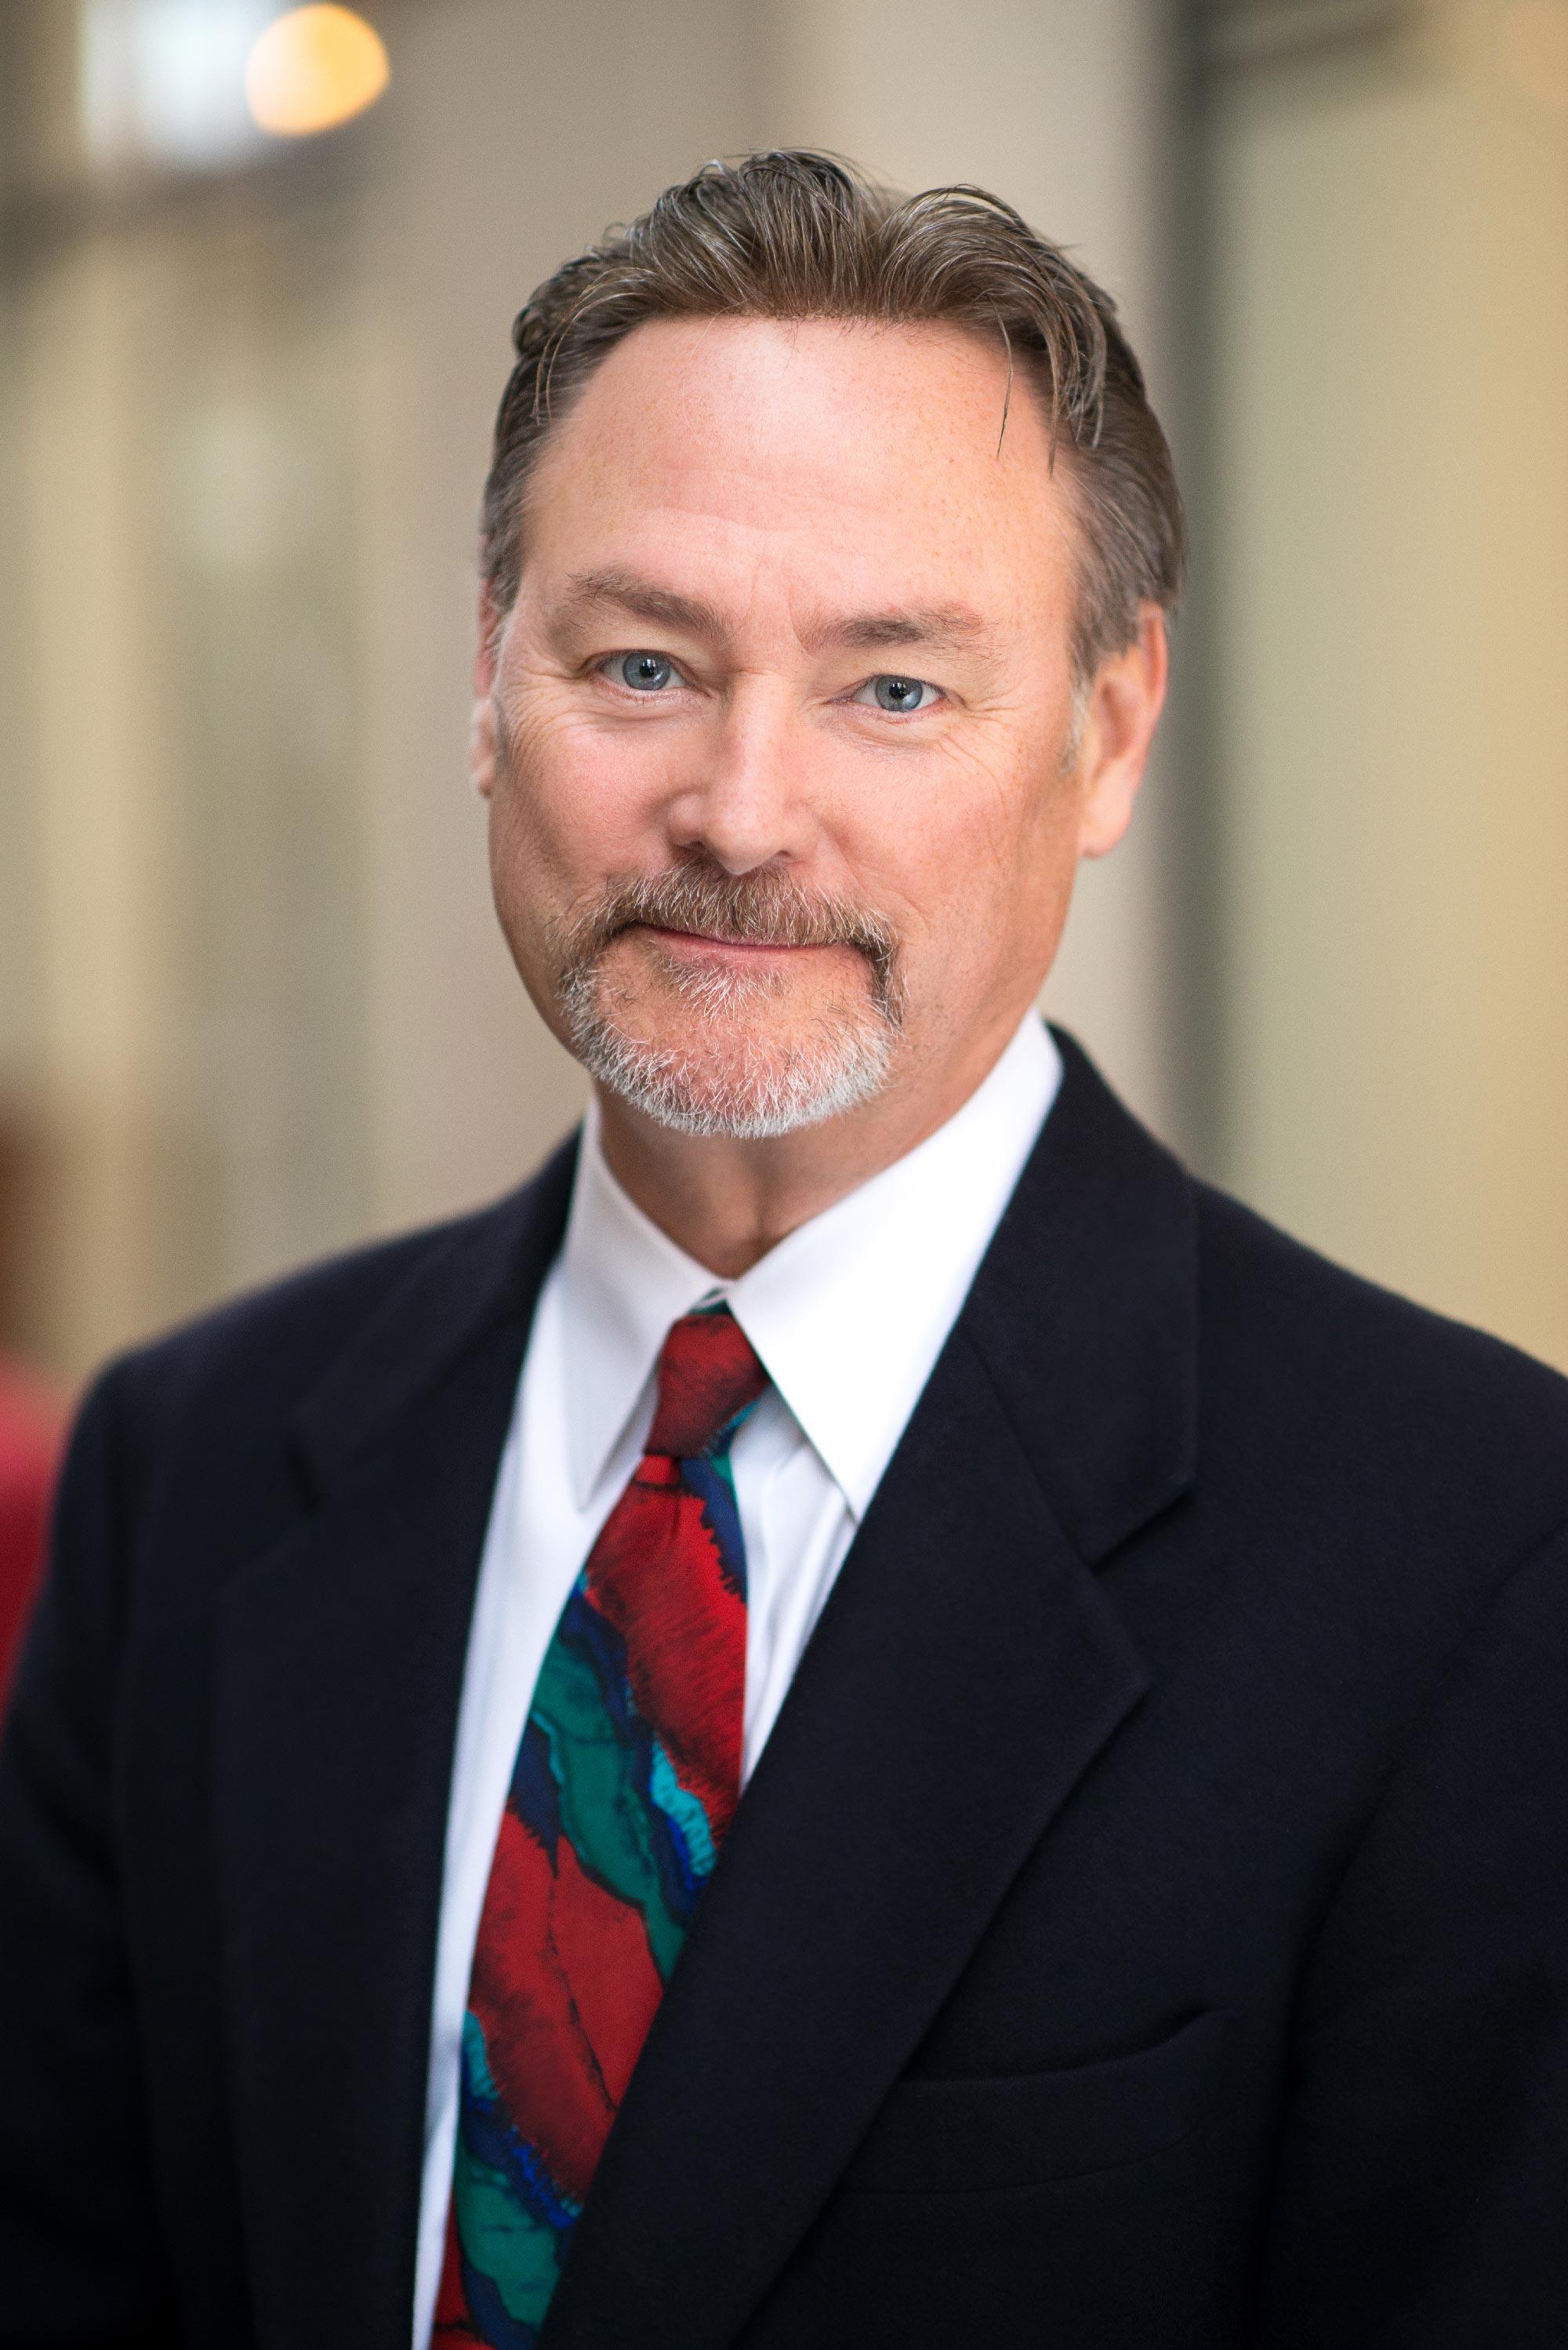 Michael L. McCoy